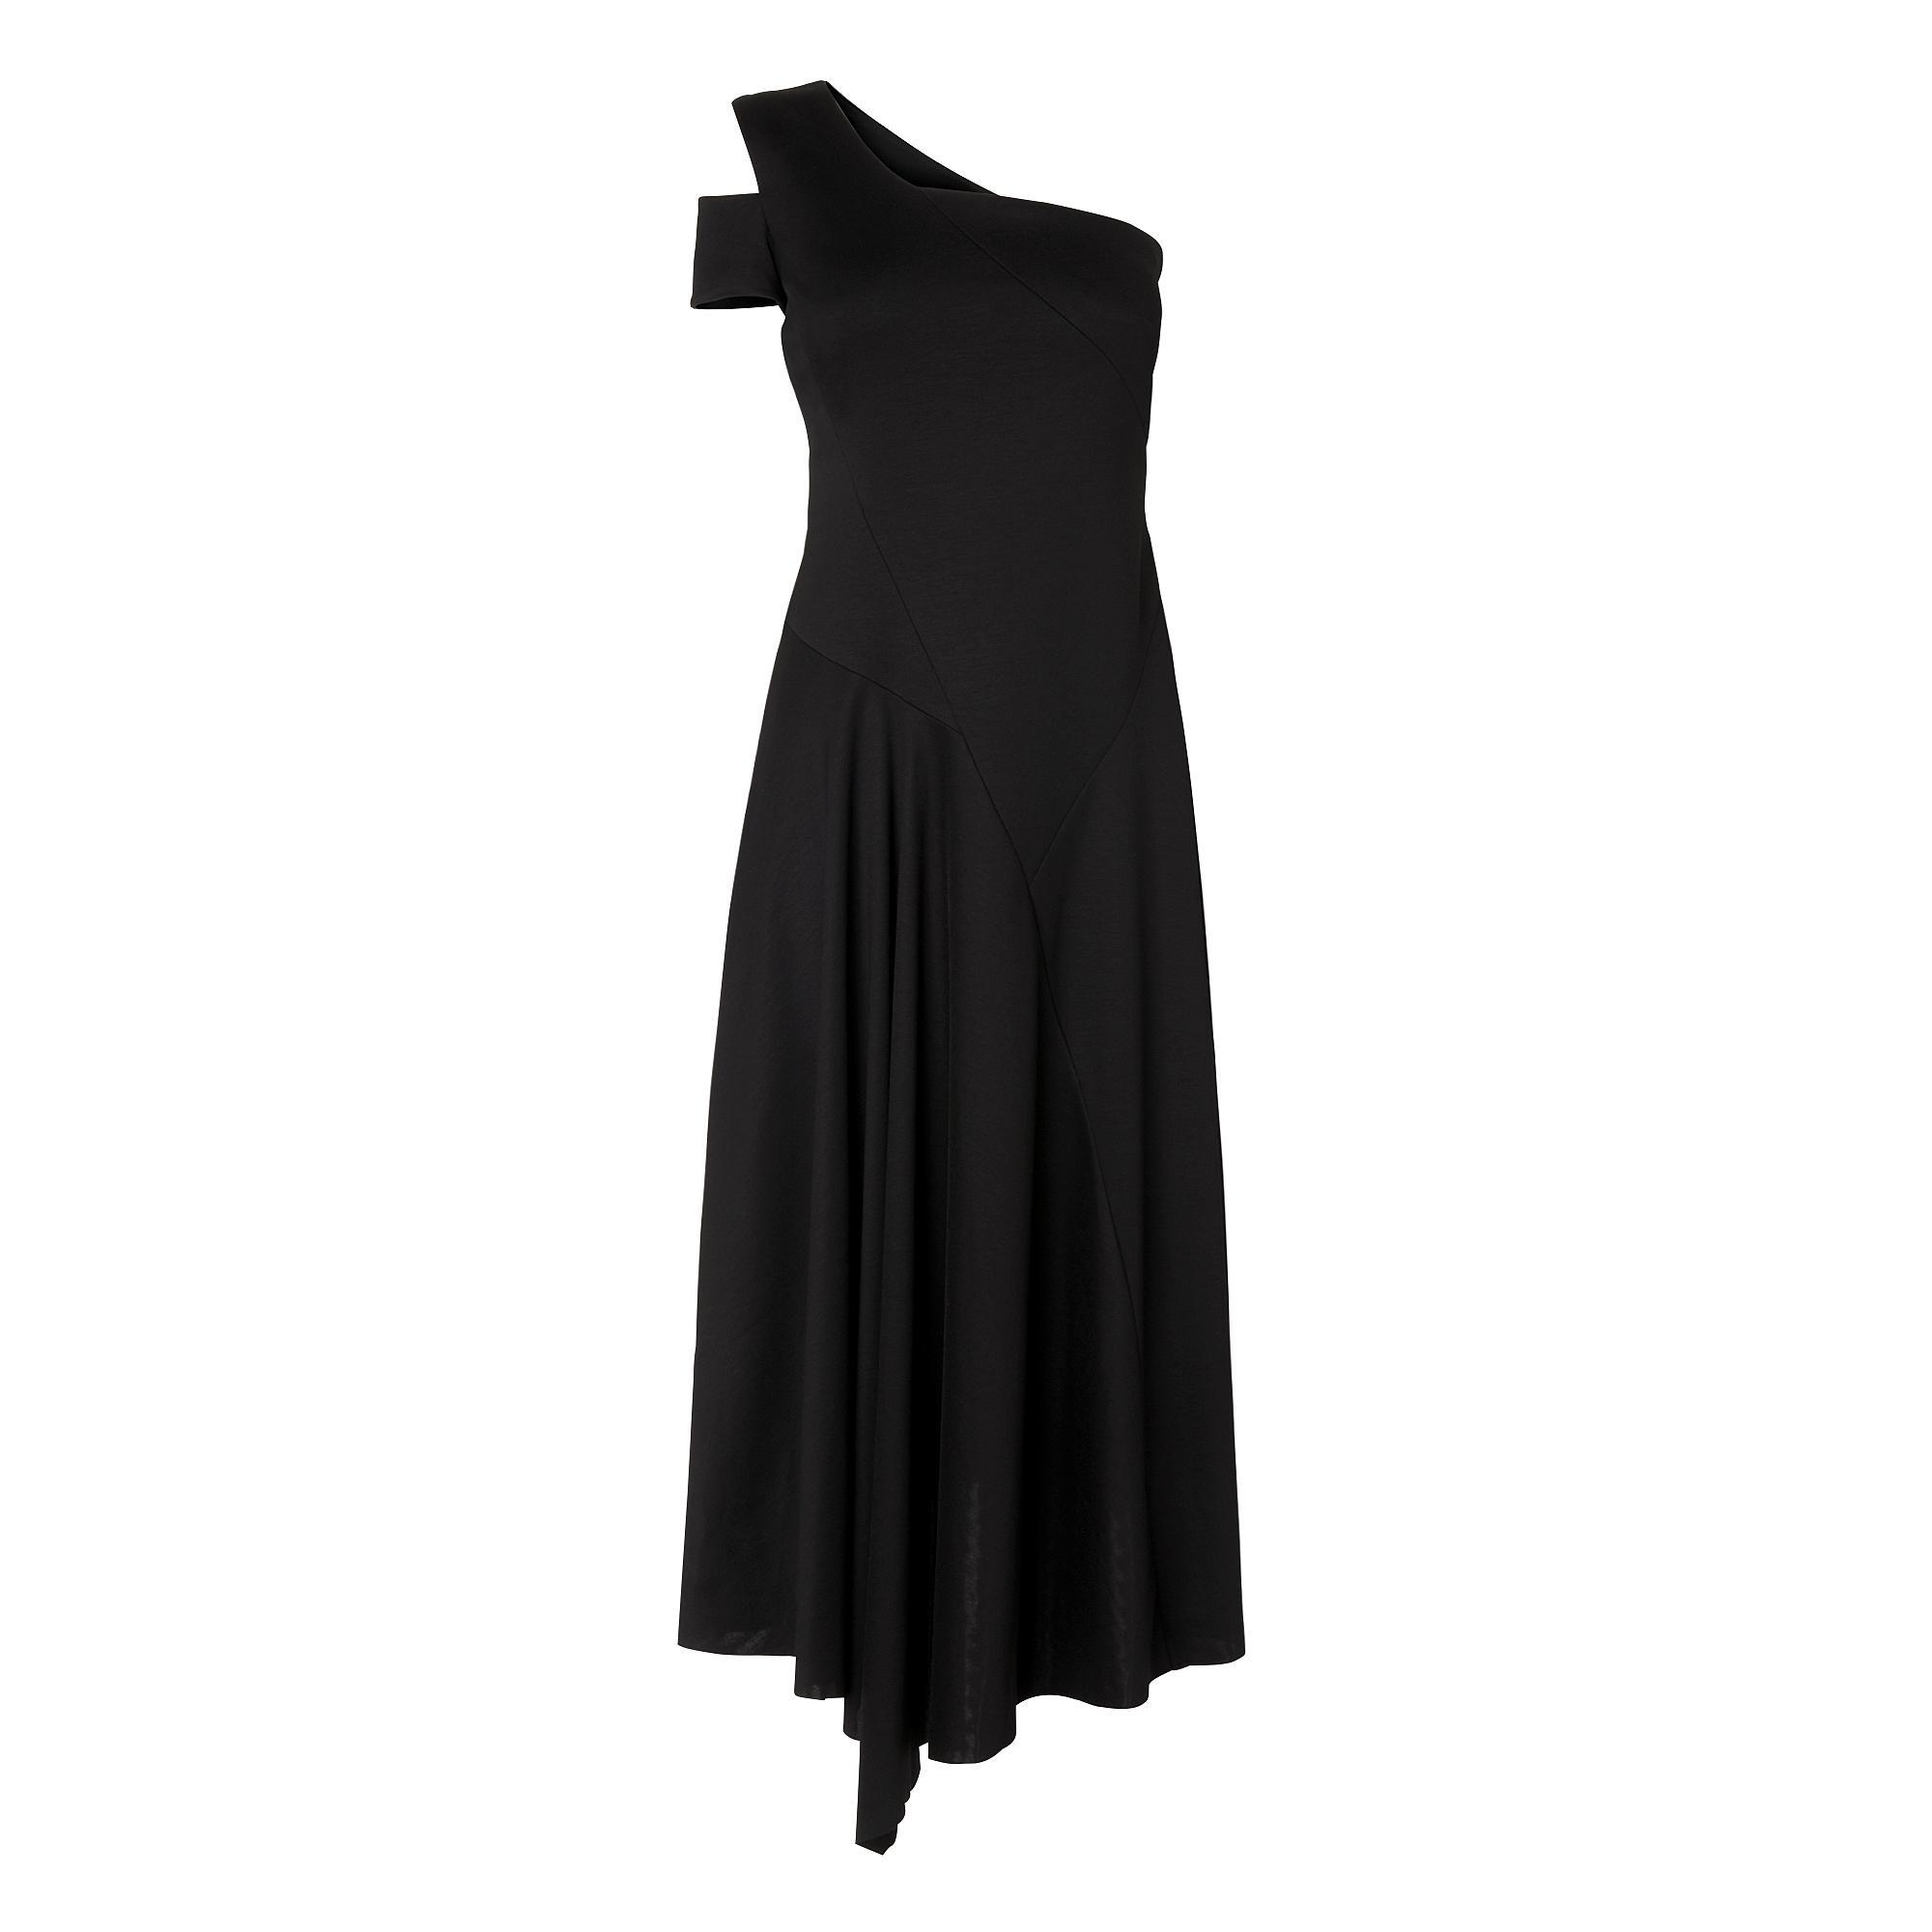 Lavendar Black Asymmetric Dress